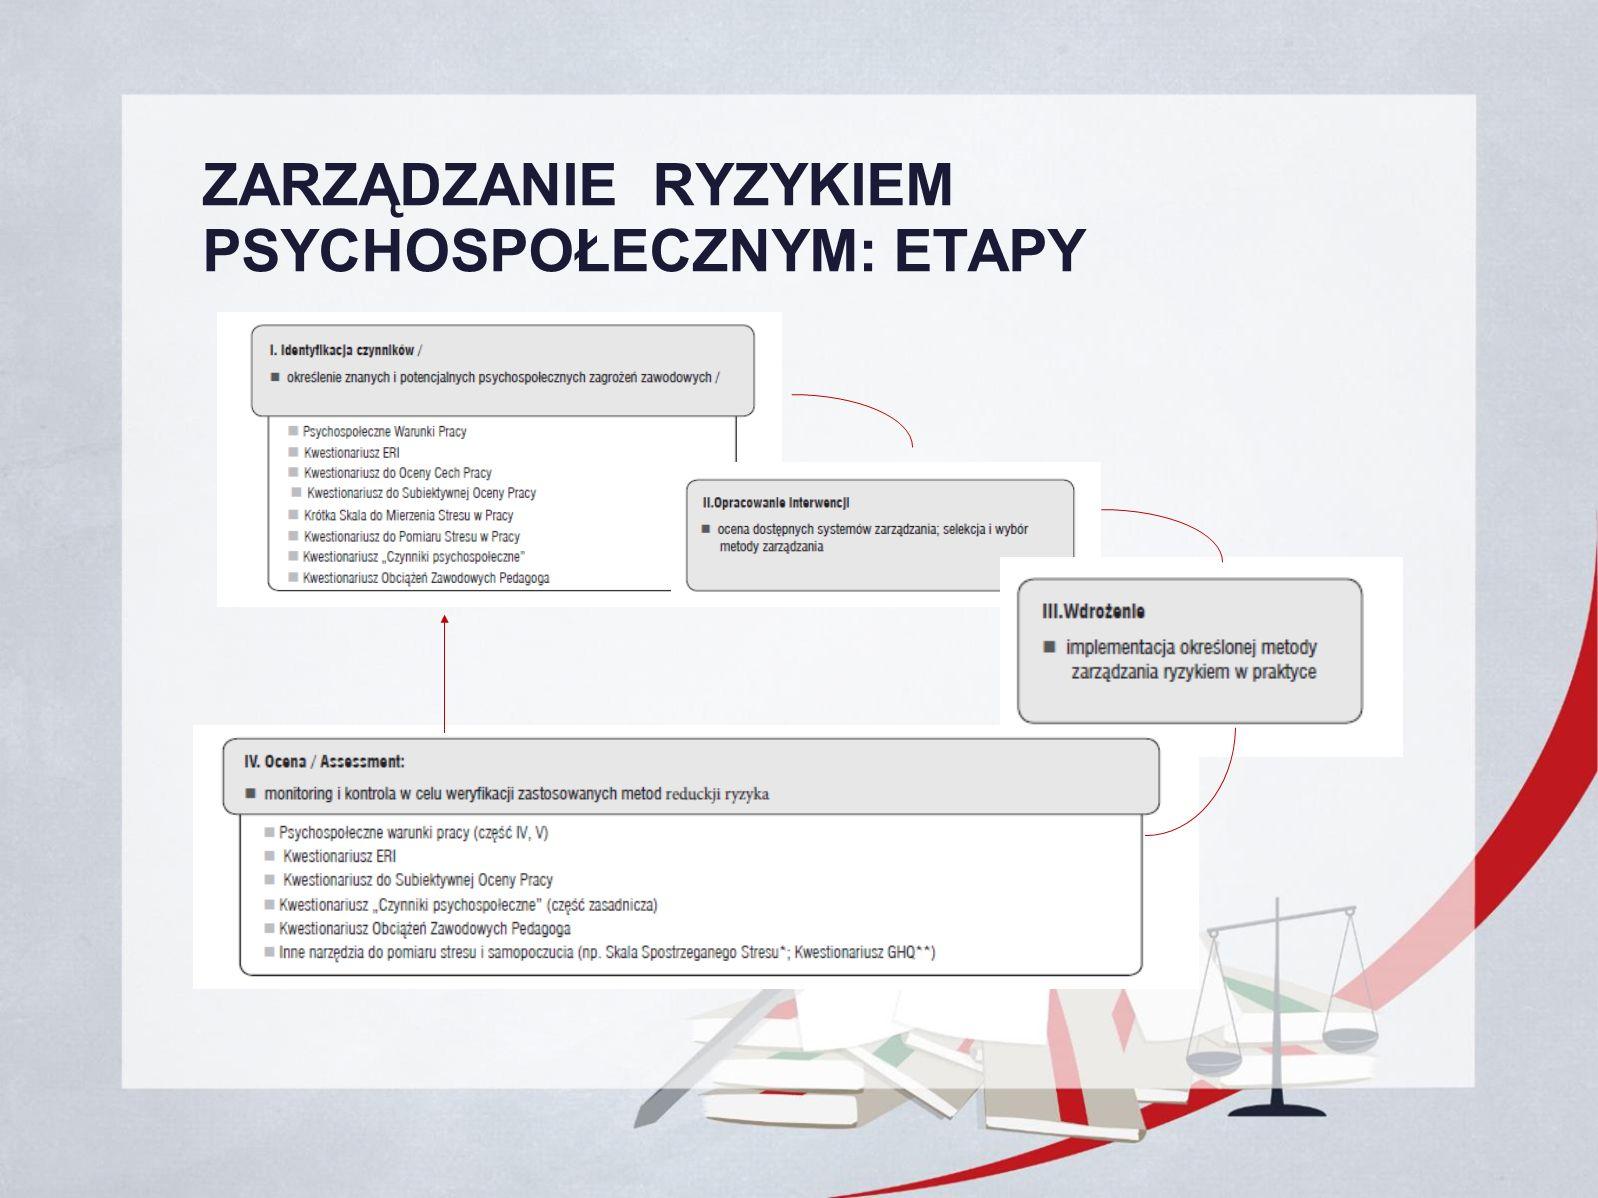 ZARZĄDZANIE RYZYKIEM PSYCHOSPOŁECZNYM: ETAPY